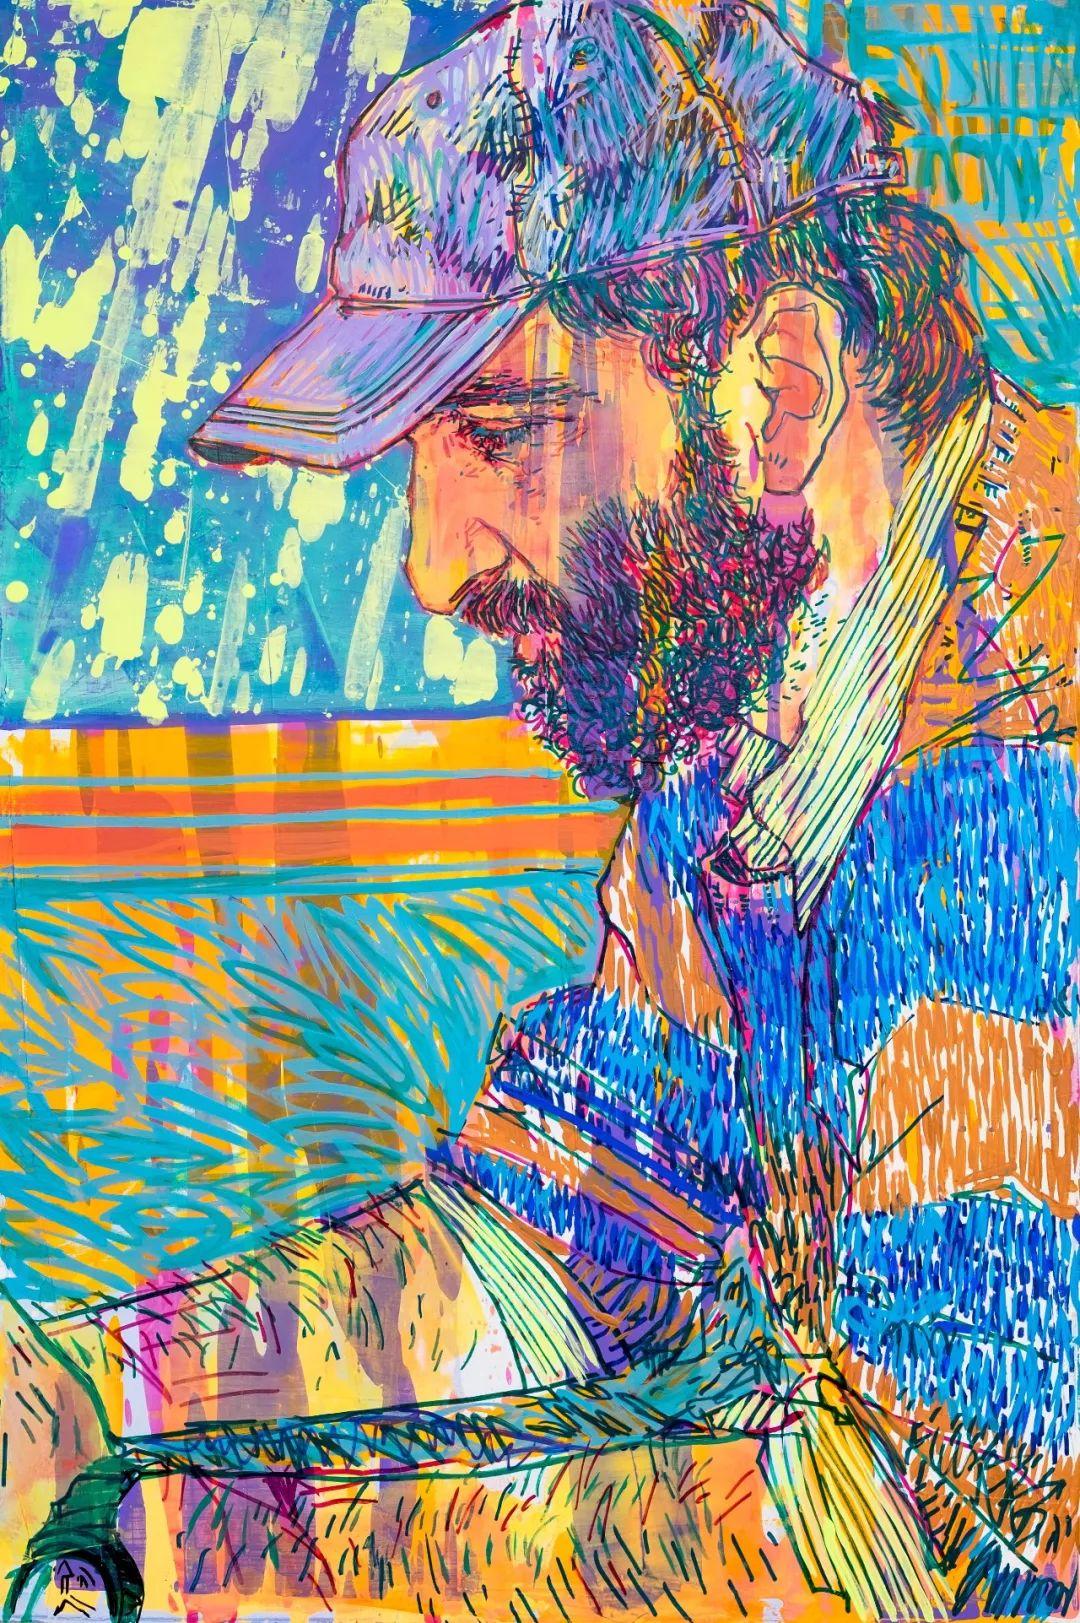 用平静的笔触描绘强烈的感情,美国艺术家Hope Gangloff作品选插图41